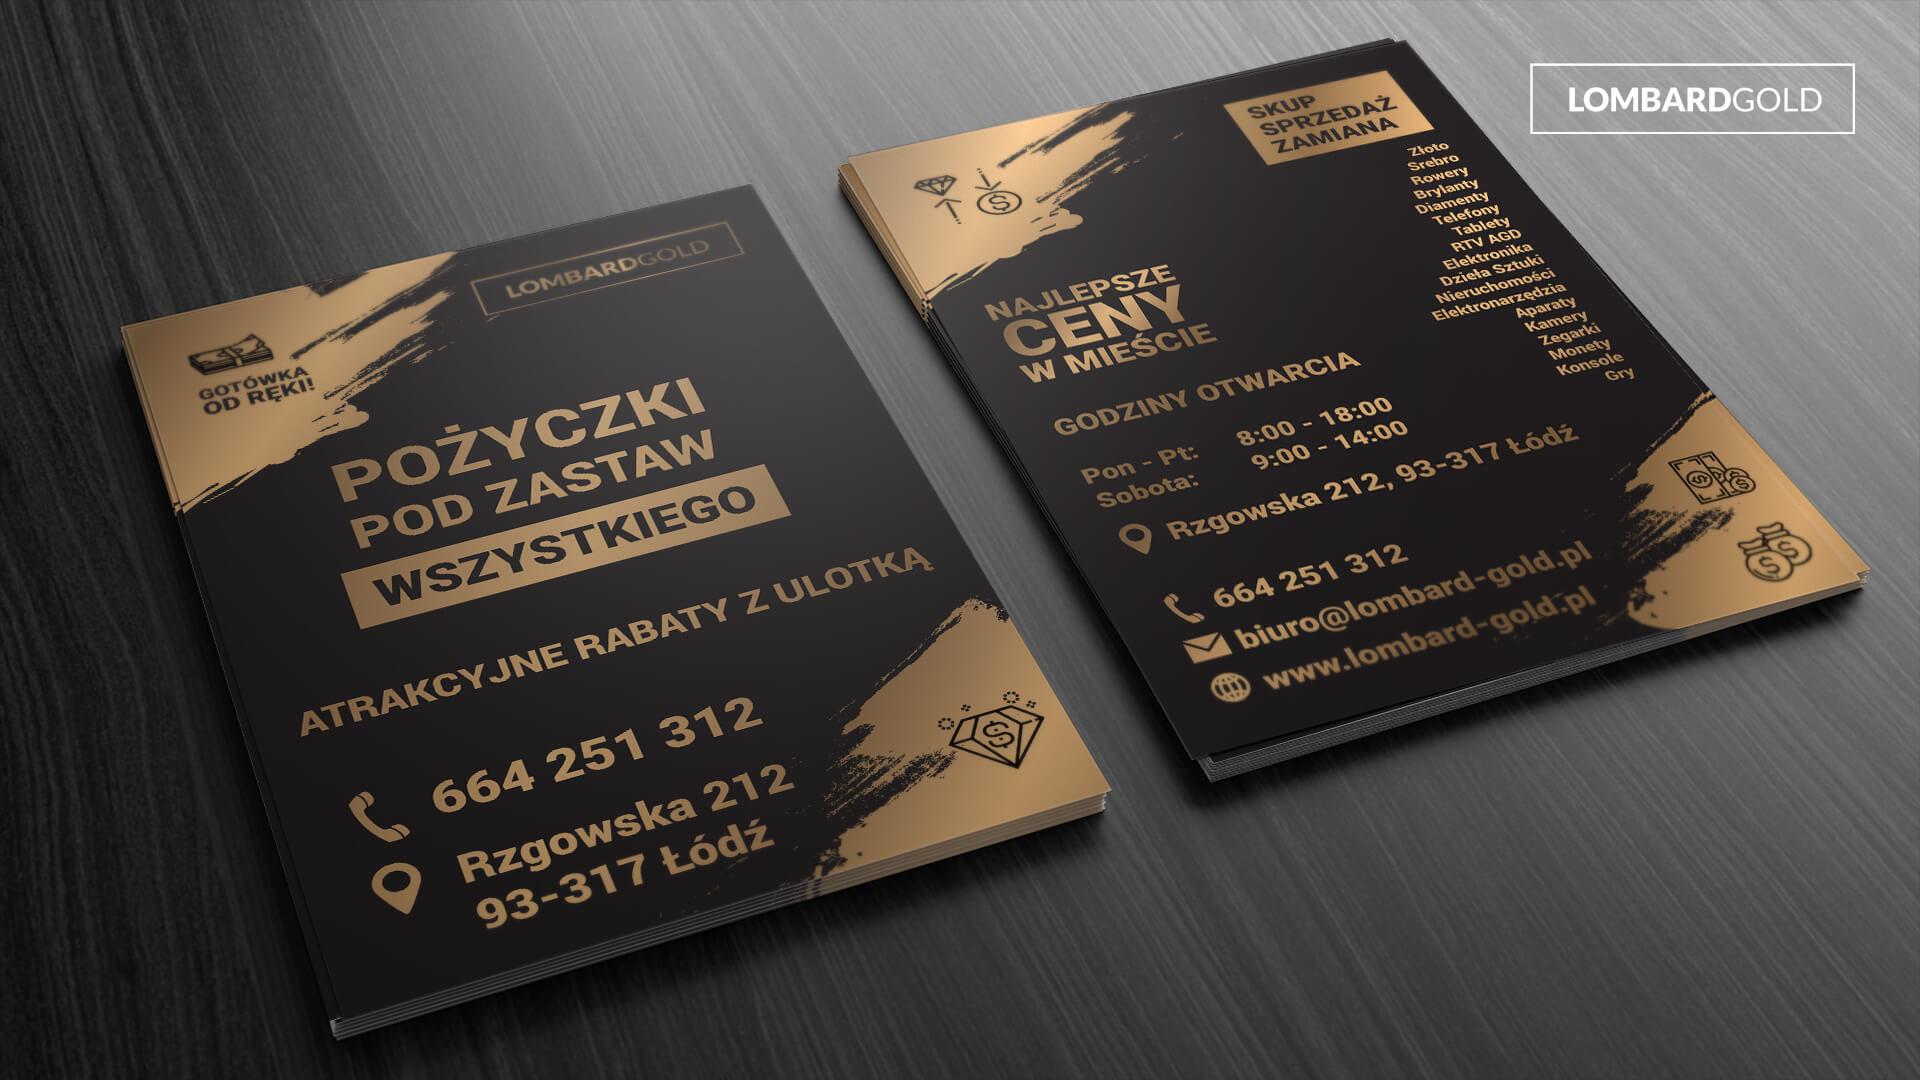 Projektowanie, tworzenie stron internetowych WWW - Łódź, Pabianice, Tomaszów, Piotrków, Zgierz, Bełchatów, Radomsko - cennik